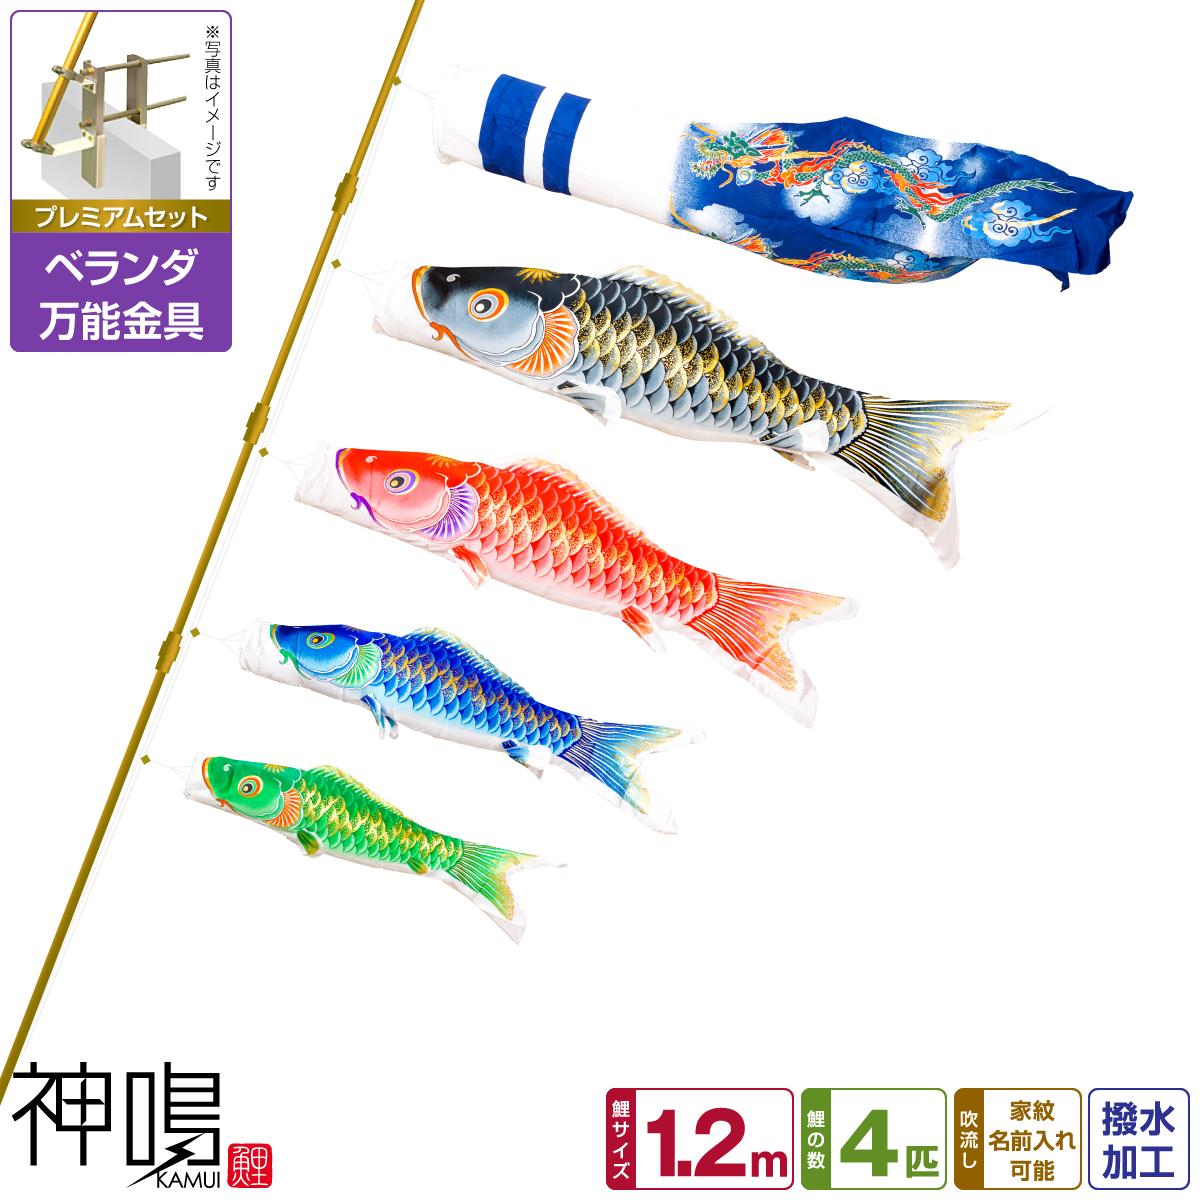 ベランダ用 鯉のぼり 神鳴鯉-KAMUI- 1.2m 7点(吹流し+鯉4匹+矢車+ロープ)/プレミアムセット(万能取付金具)